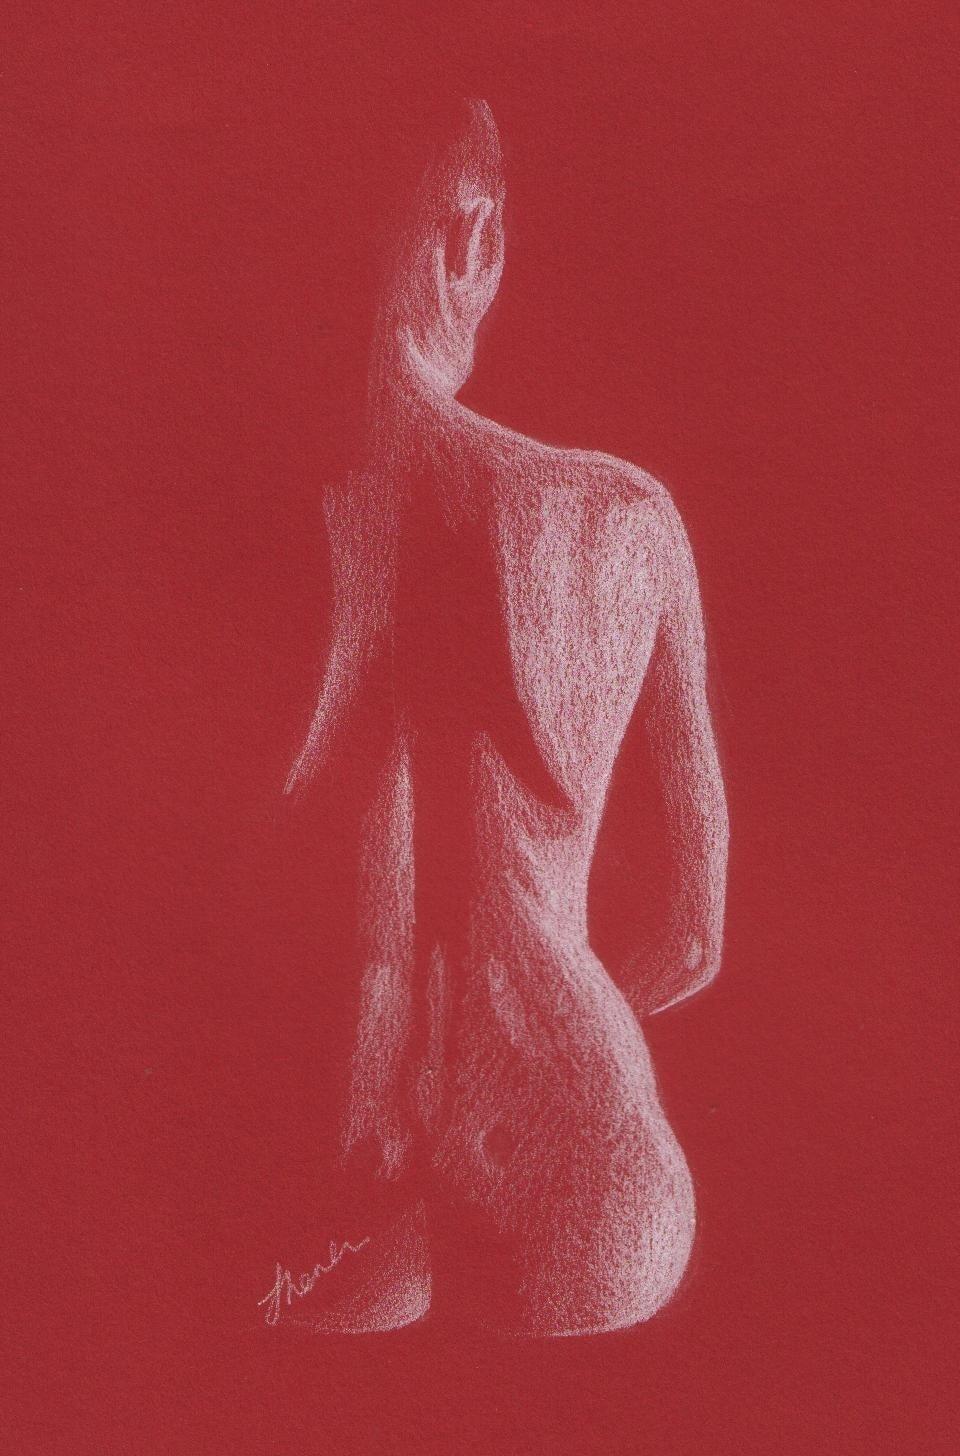 Shadow Lady 2006